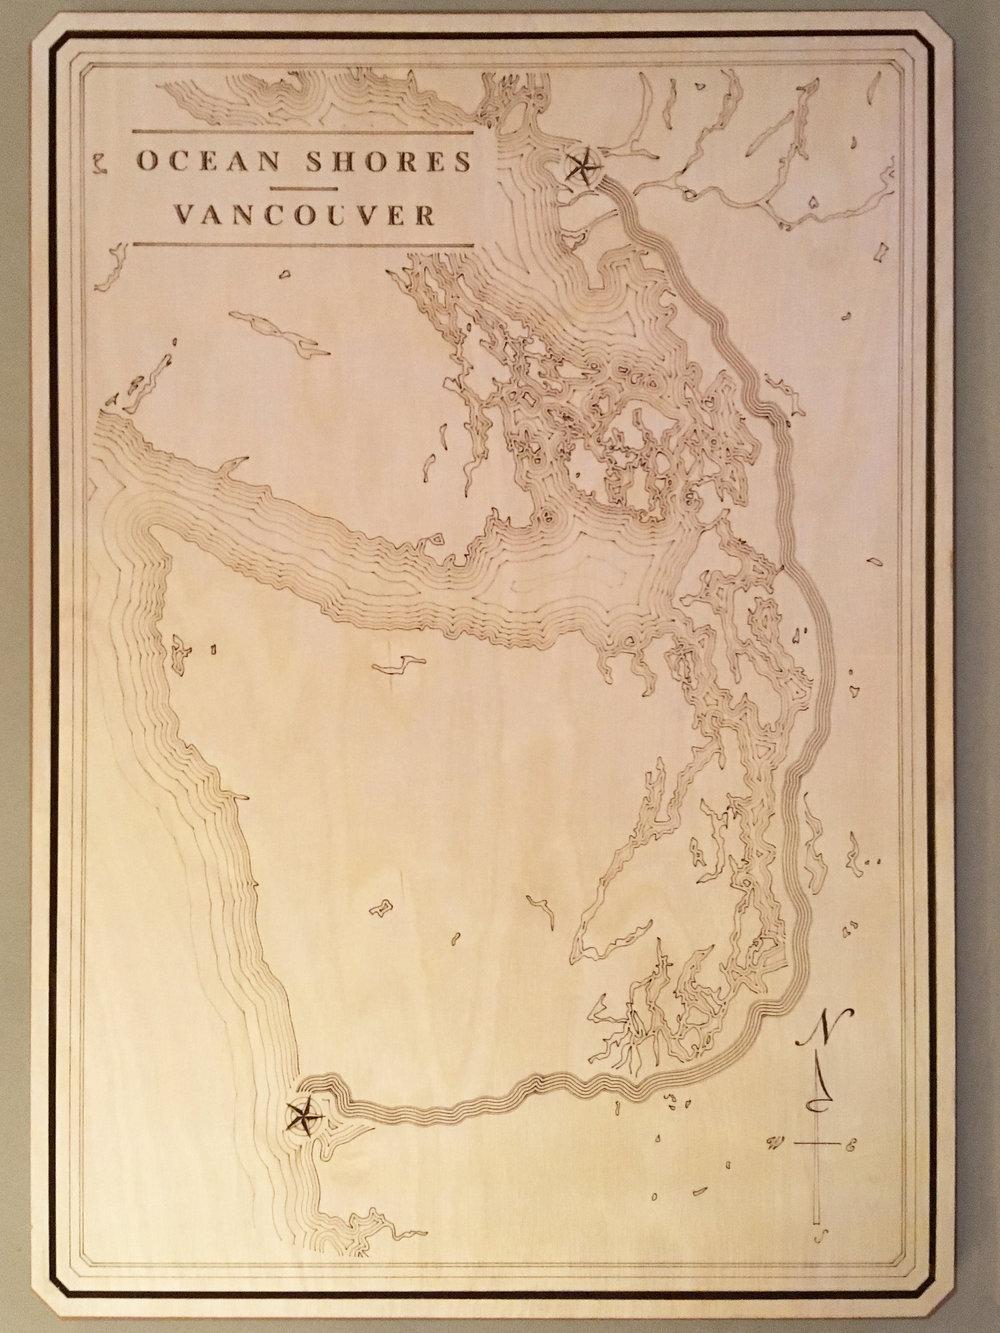 Vancouver to Ocean Shores